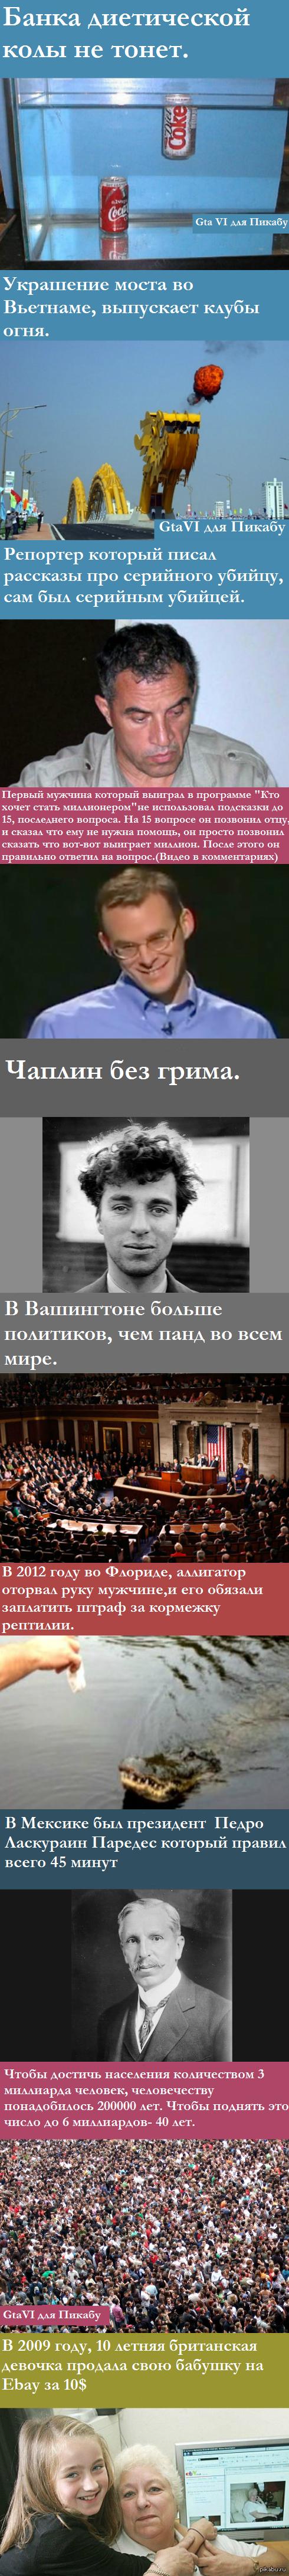 http://s2.pikabu.ru/post_img2/2014/01/29/11/1391015240_1249694854.png